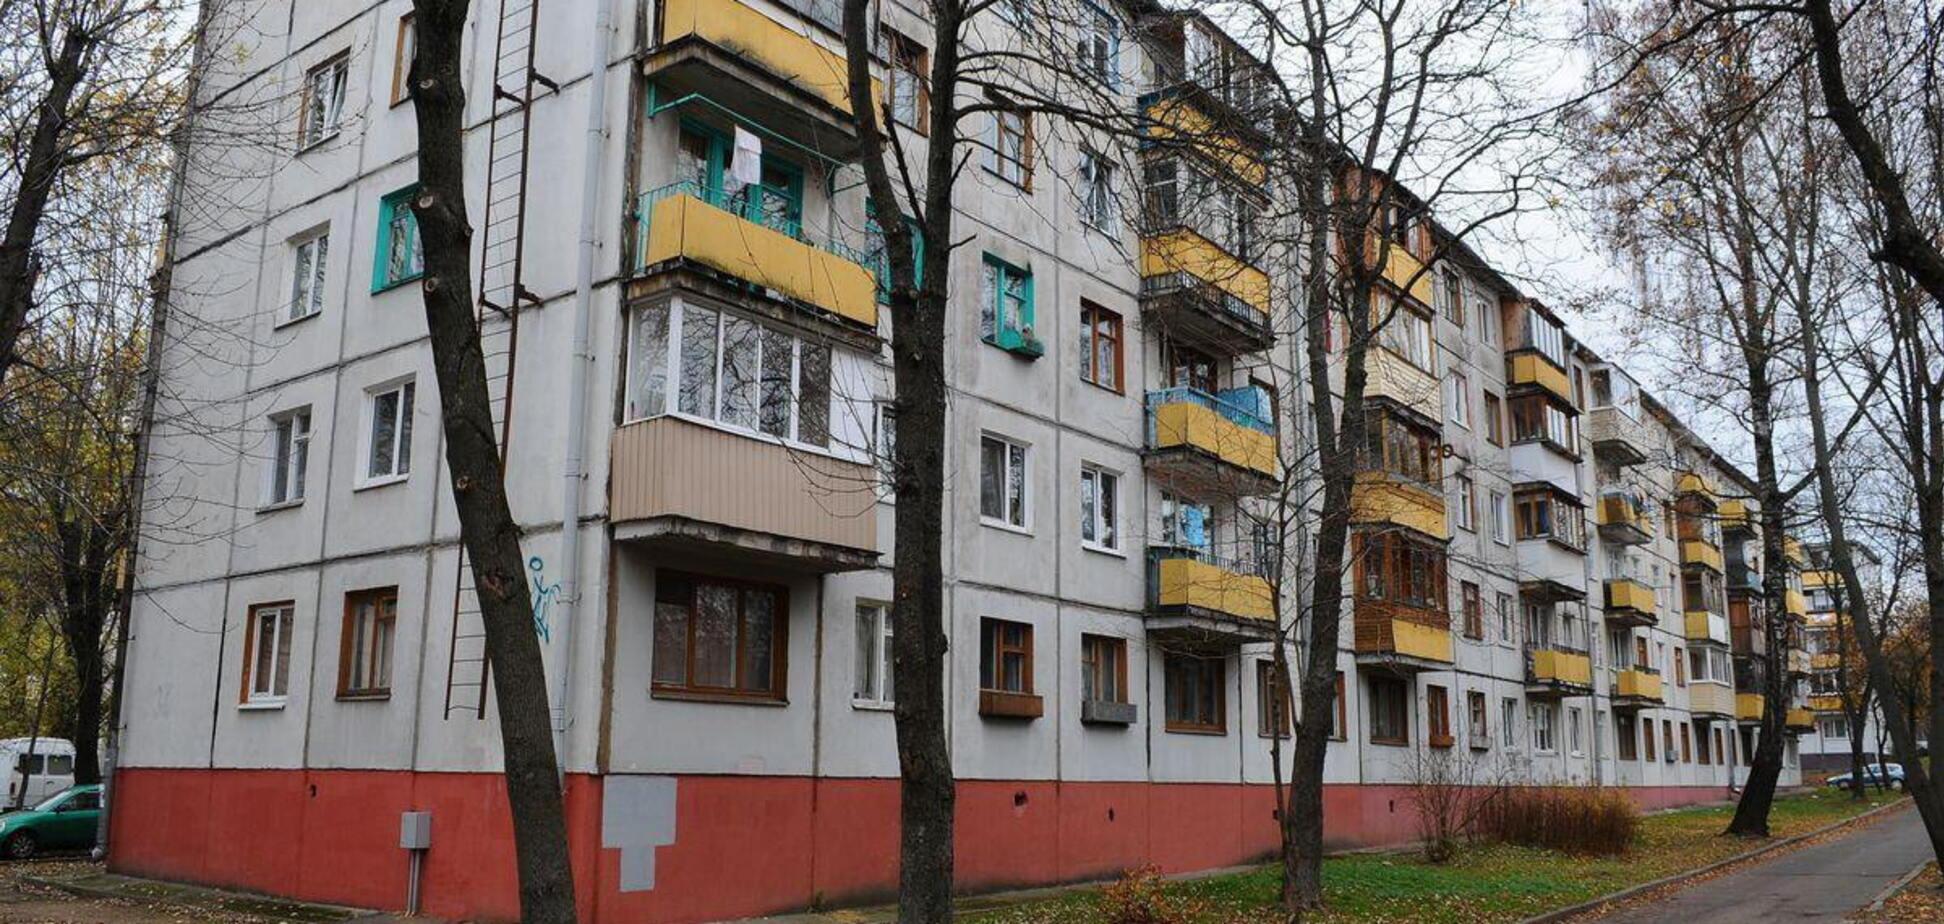 Хрущевки. Что будет с устаревшим жилым фондом Украины?